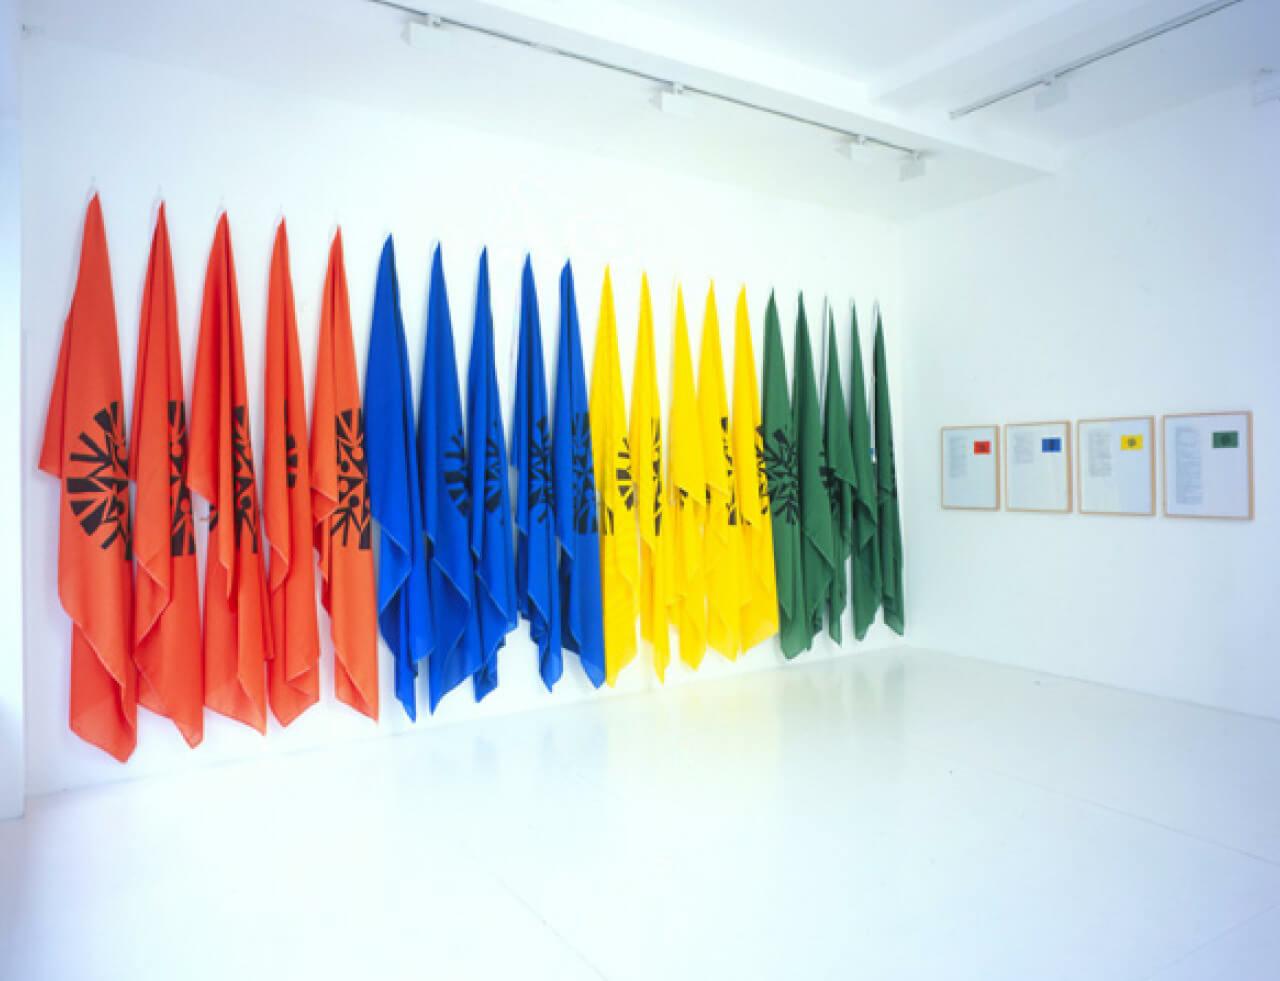 Art & Language at MACBA